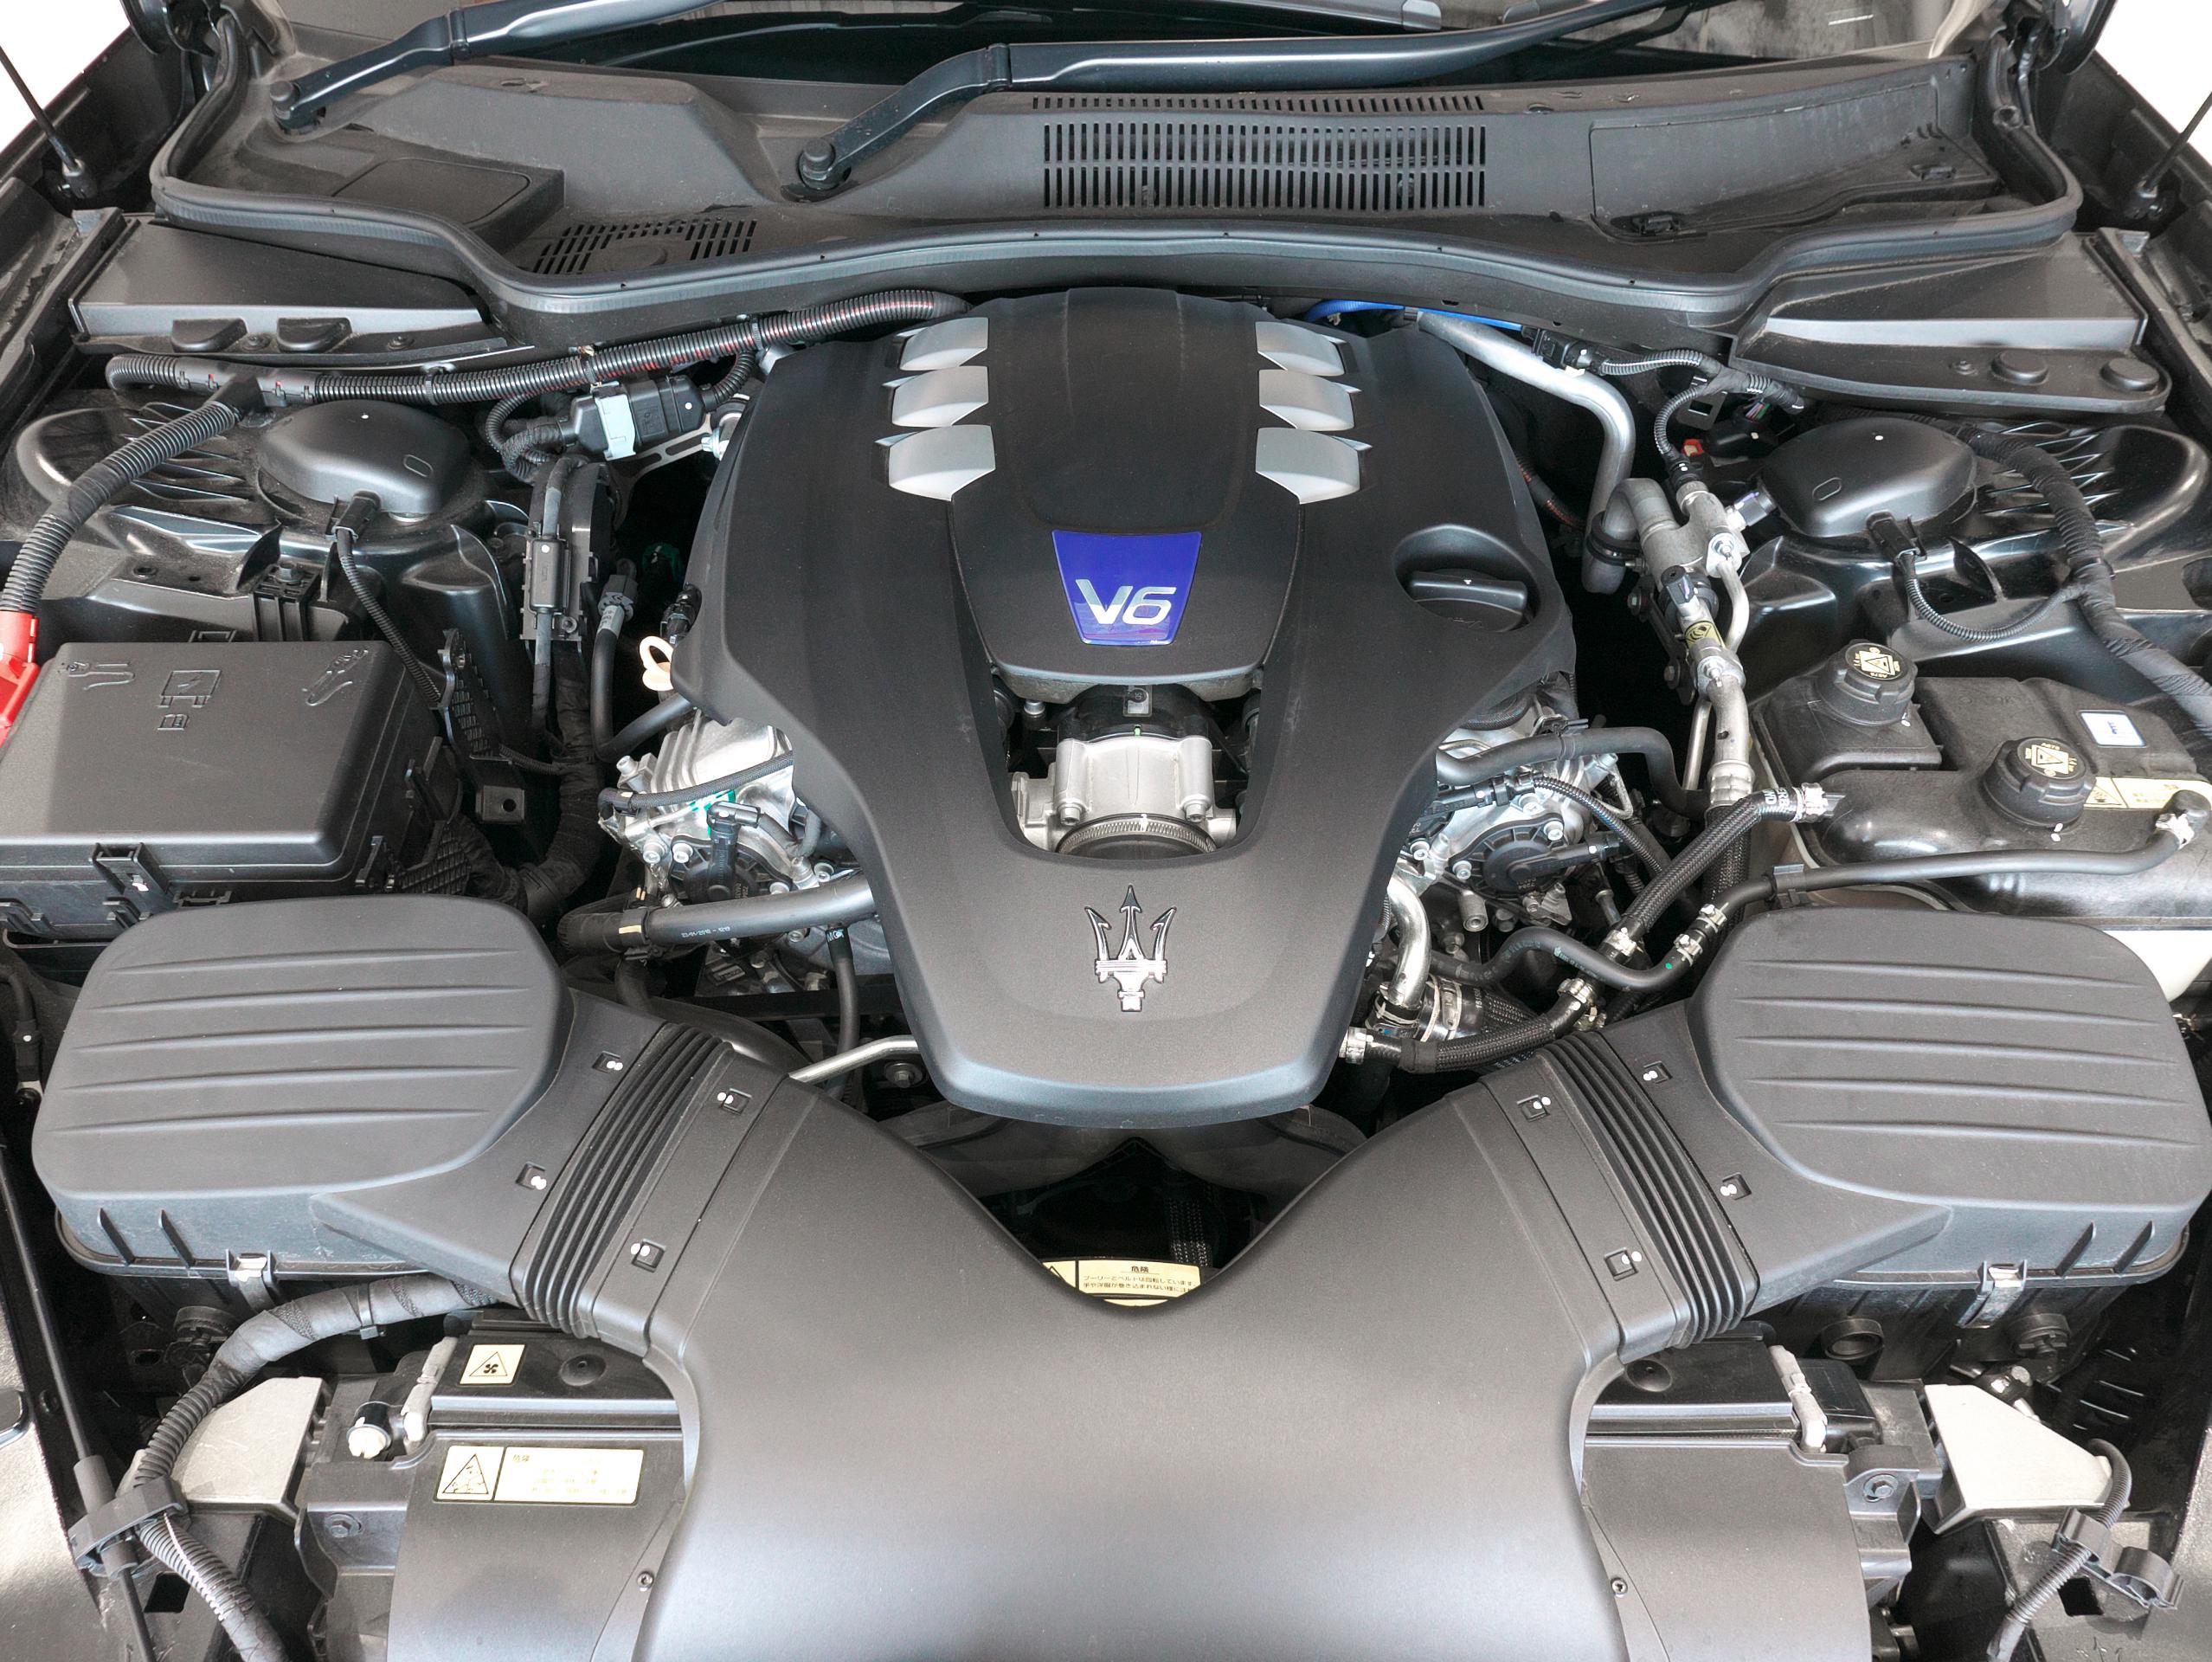 マセラティ クアトロポルテ S グランスポーツ エンジン